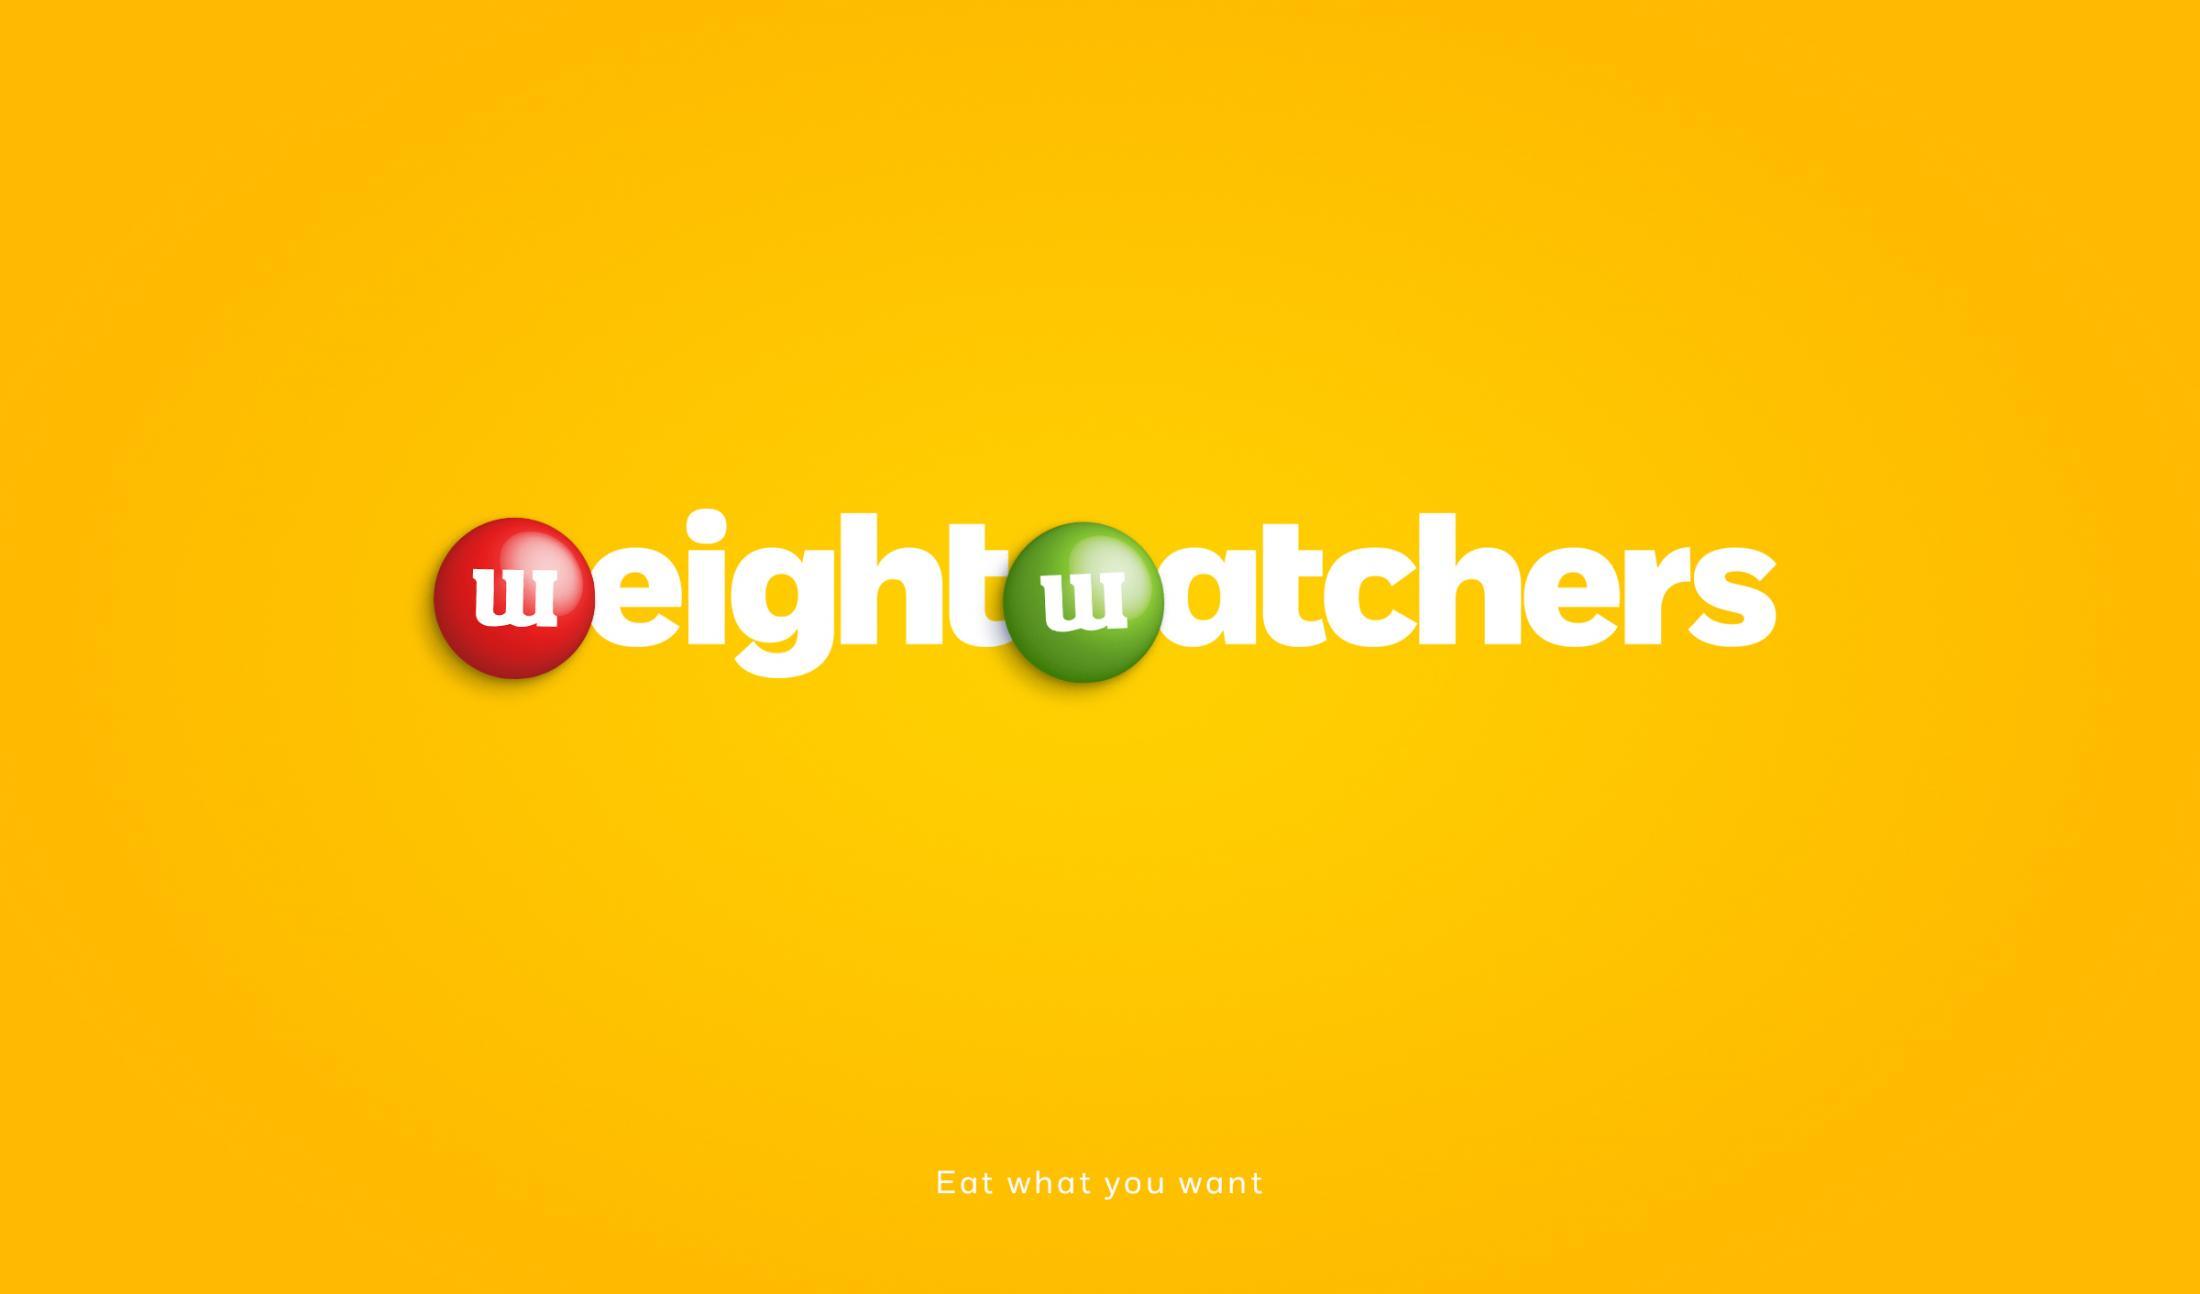 UBER, Weight Watchers e Play-Doh: i migliori annunci stampa della settimana